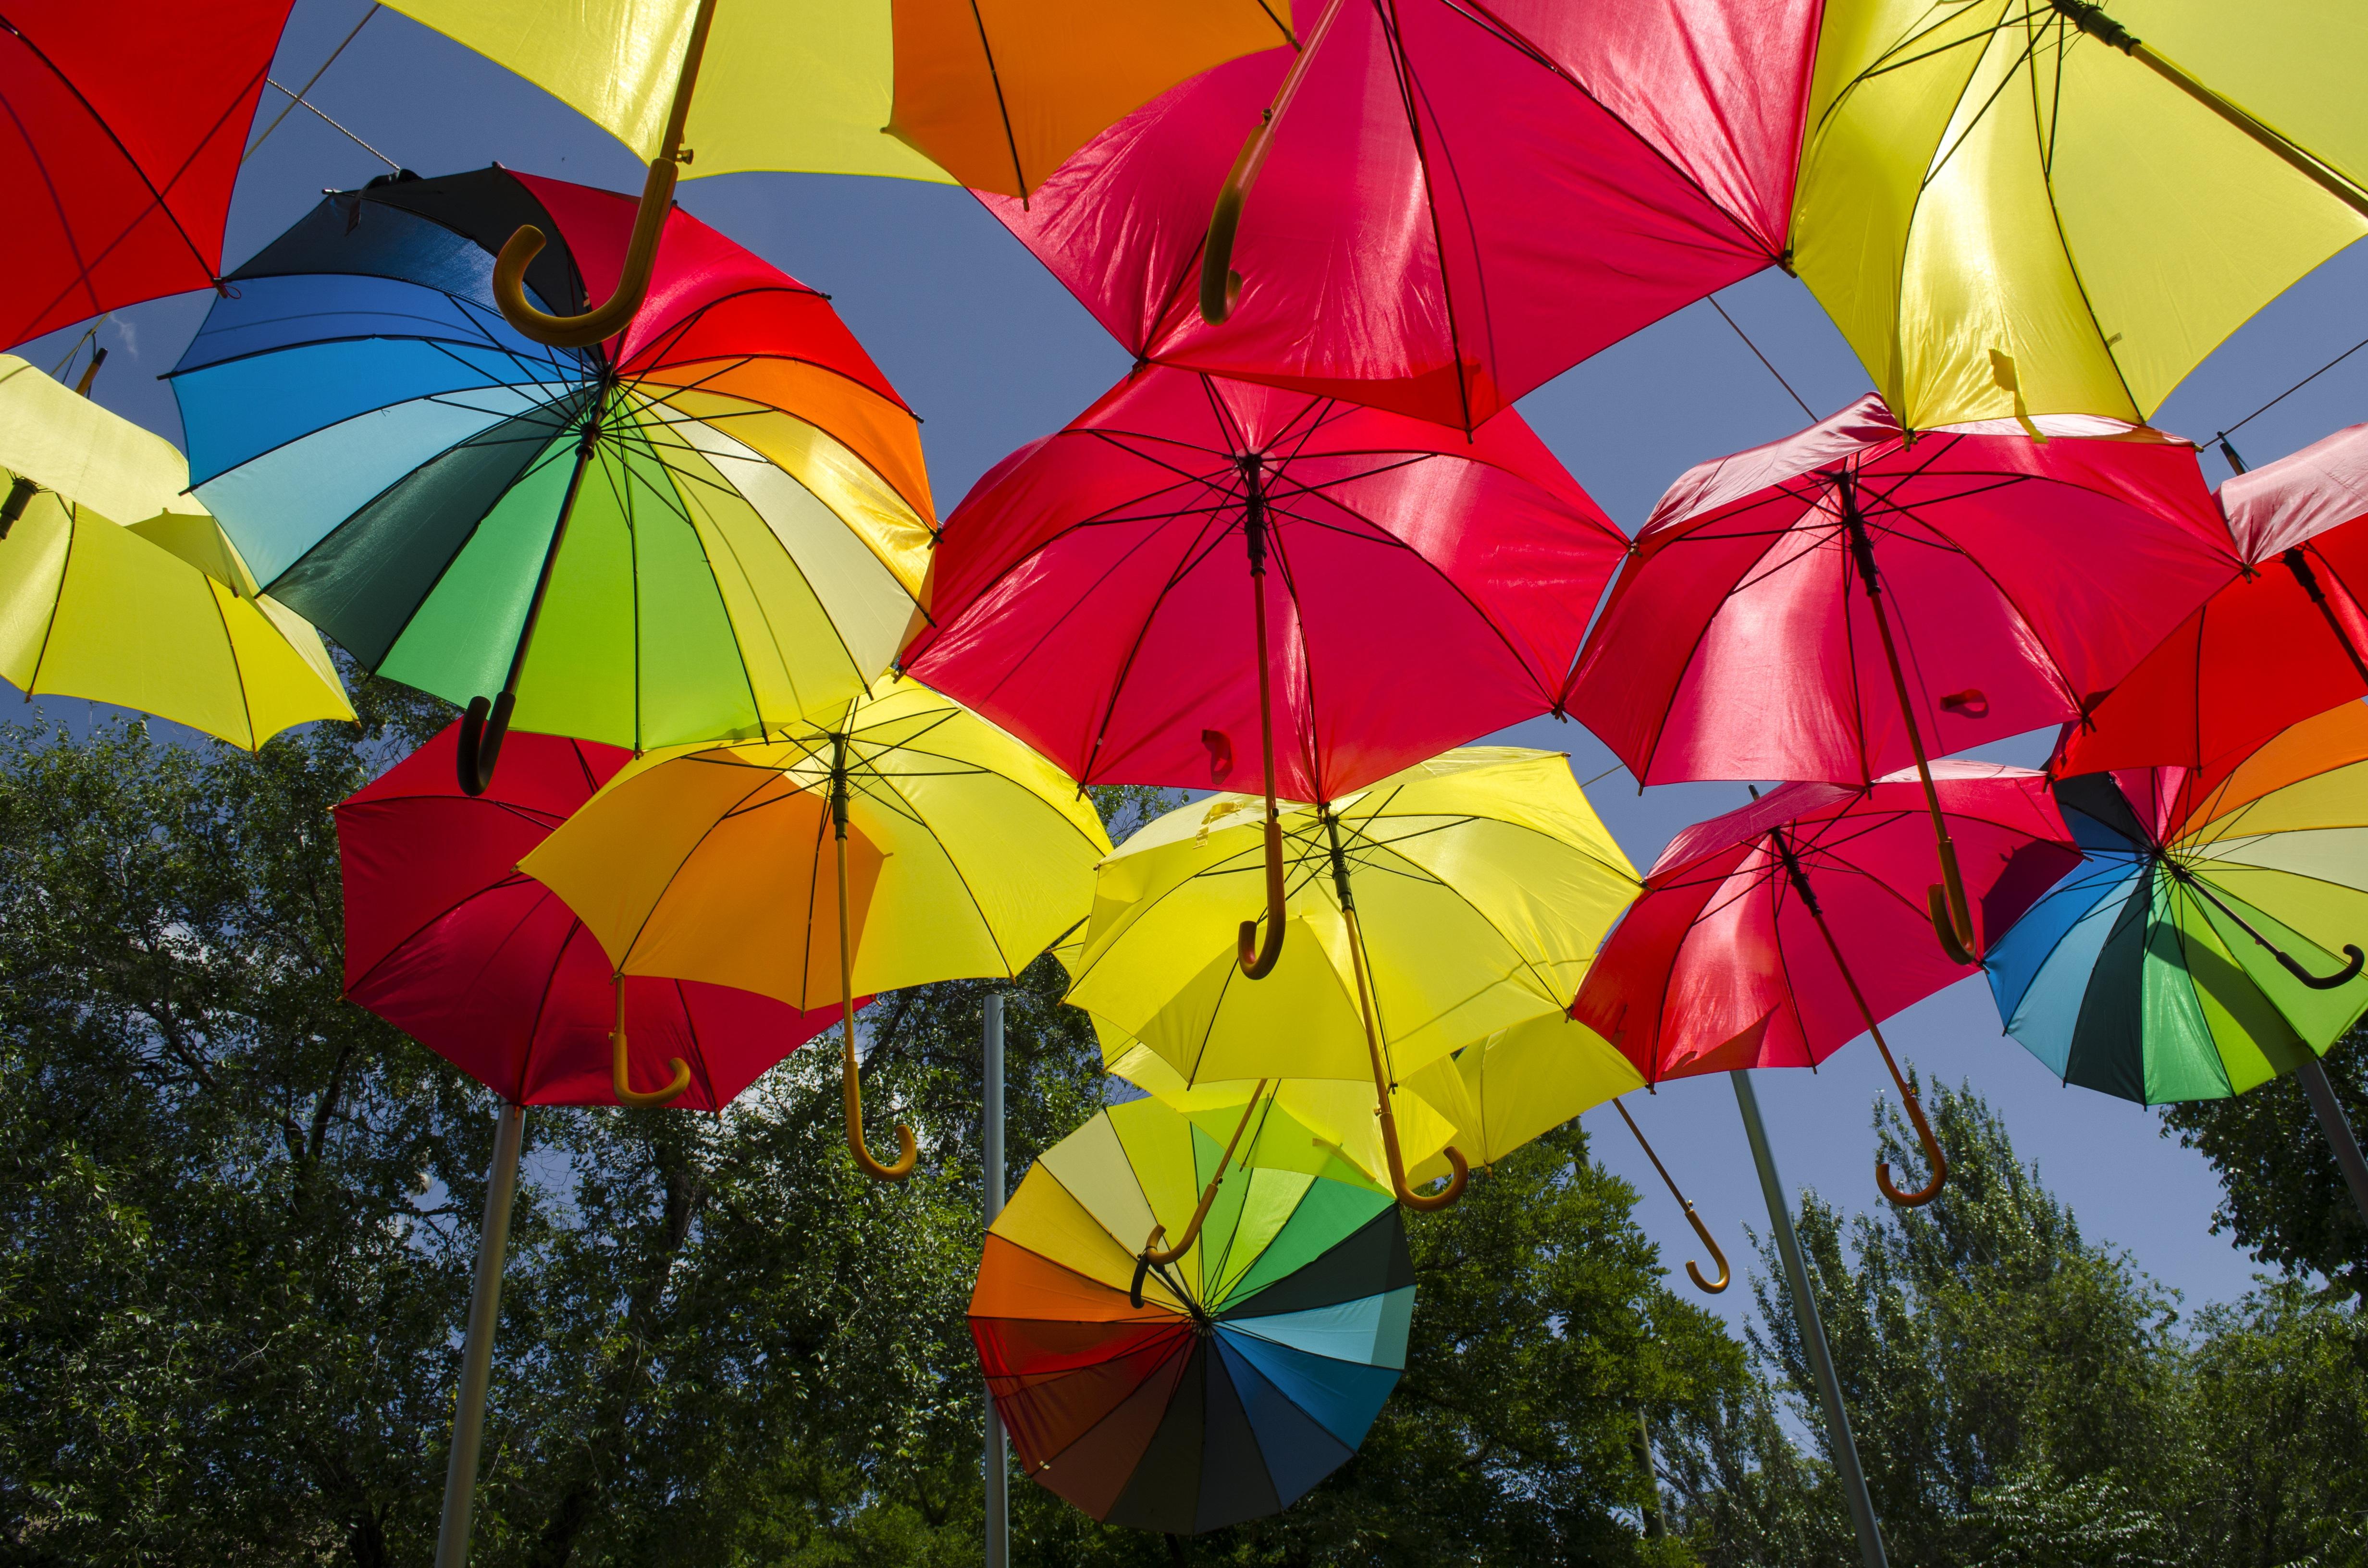 картинки яркого зонтика достаточно плотную фактурную